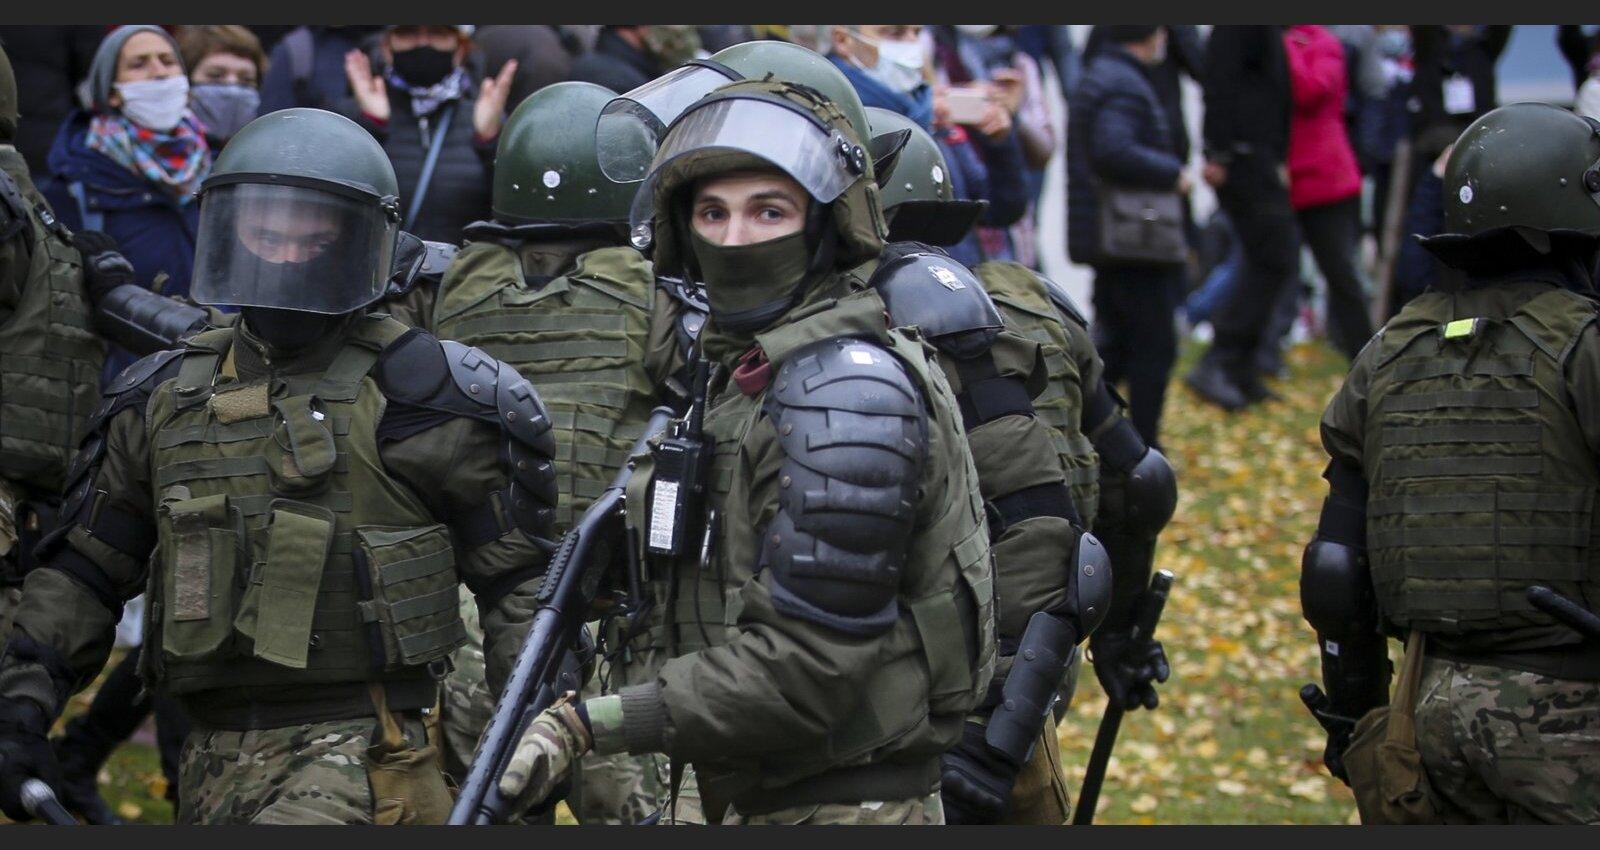 Opozicionārs Cepkalo Rīgā: Valsts ir izjukusi, Lukašenko vada ar asinīm saistītu bandu